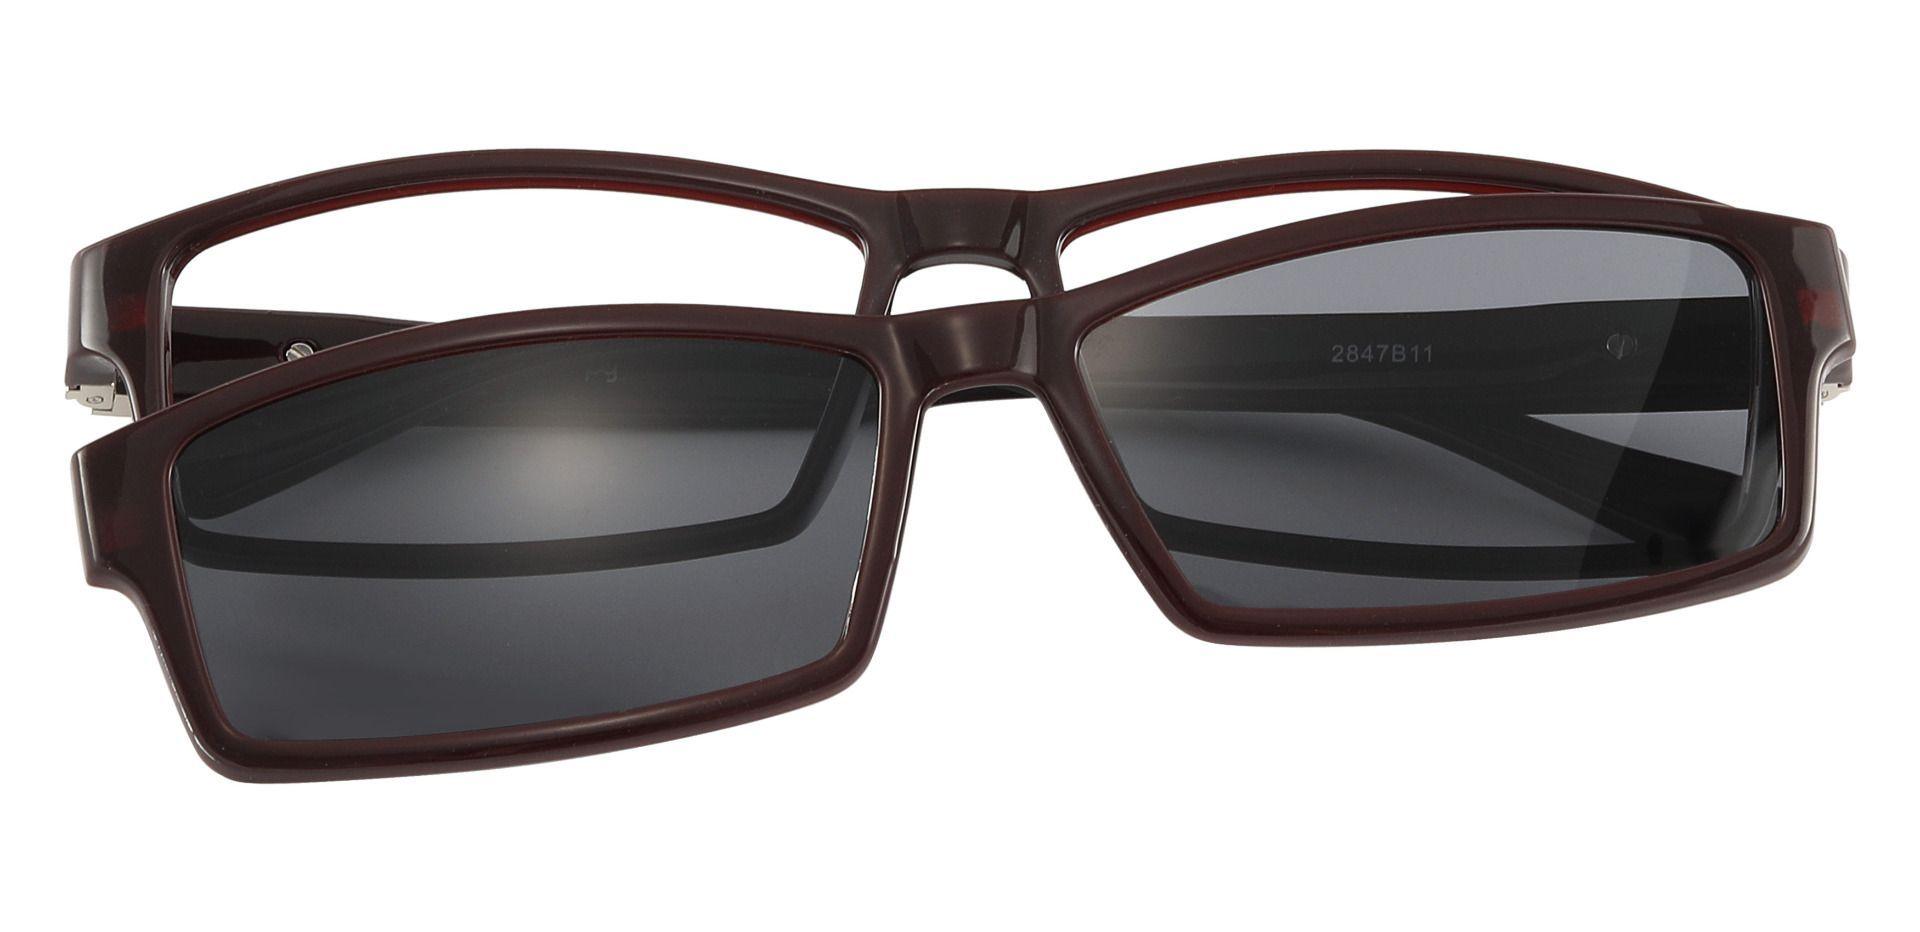 Dublin Rectangle Prescription Glasses - Brown